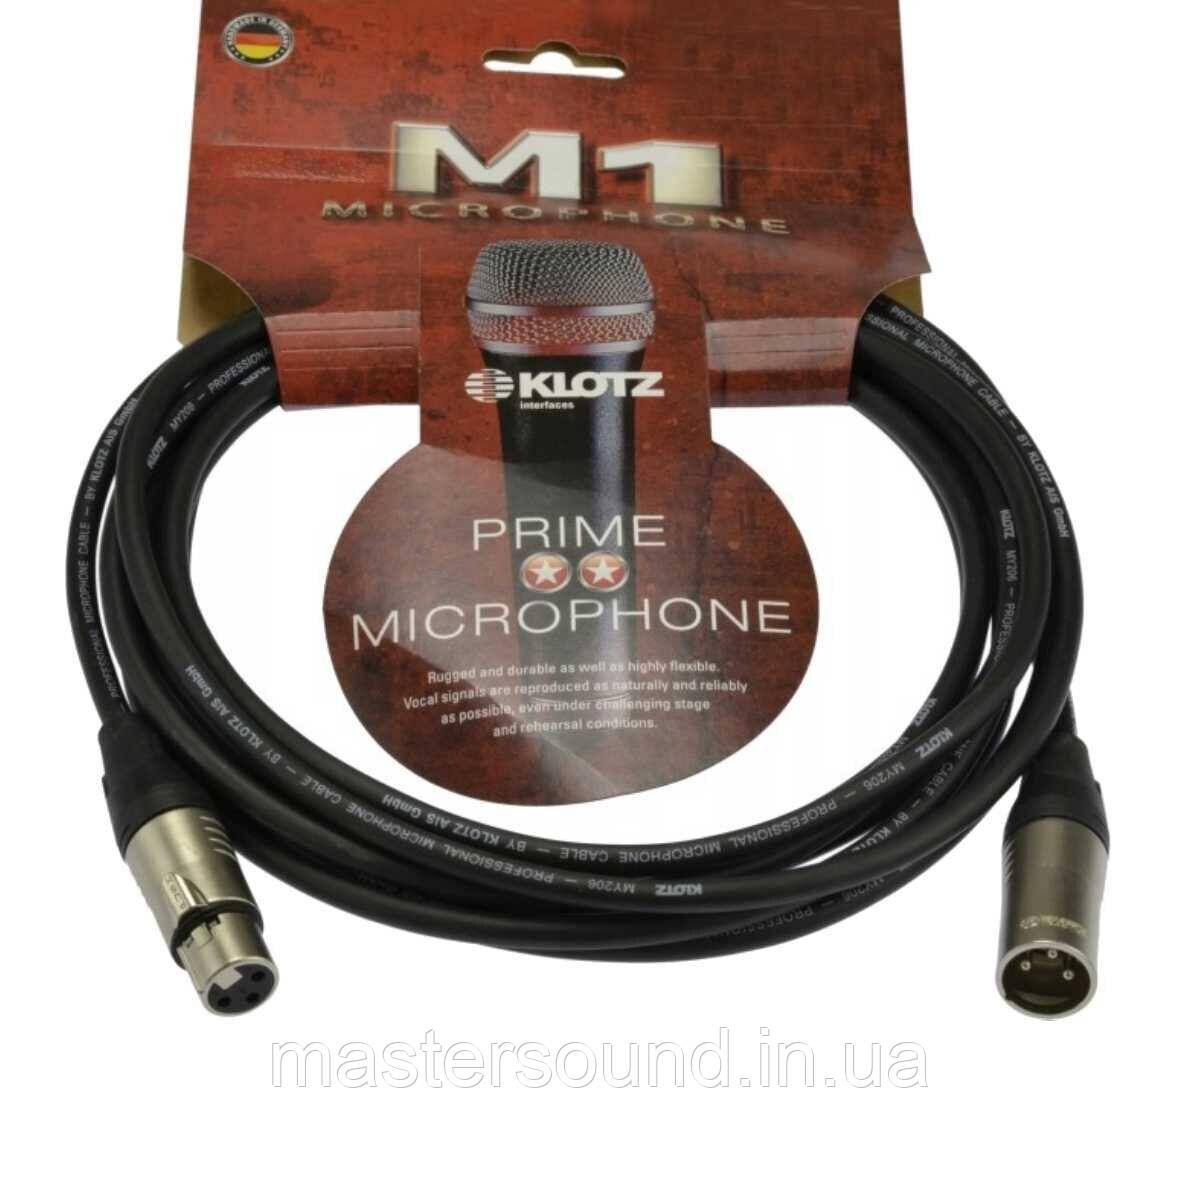 Микрофонный кабель Klotz M1K1FM01000